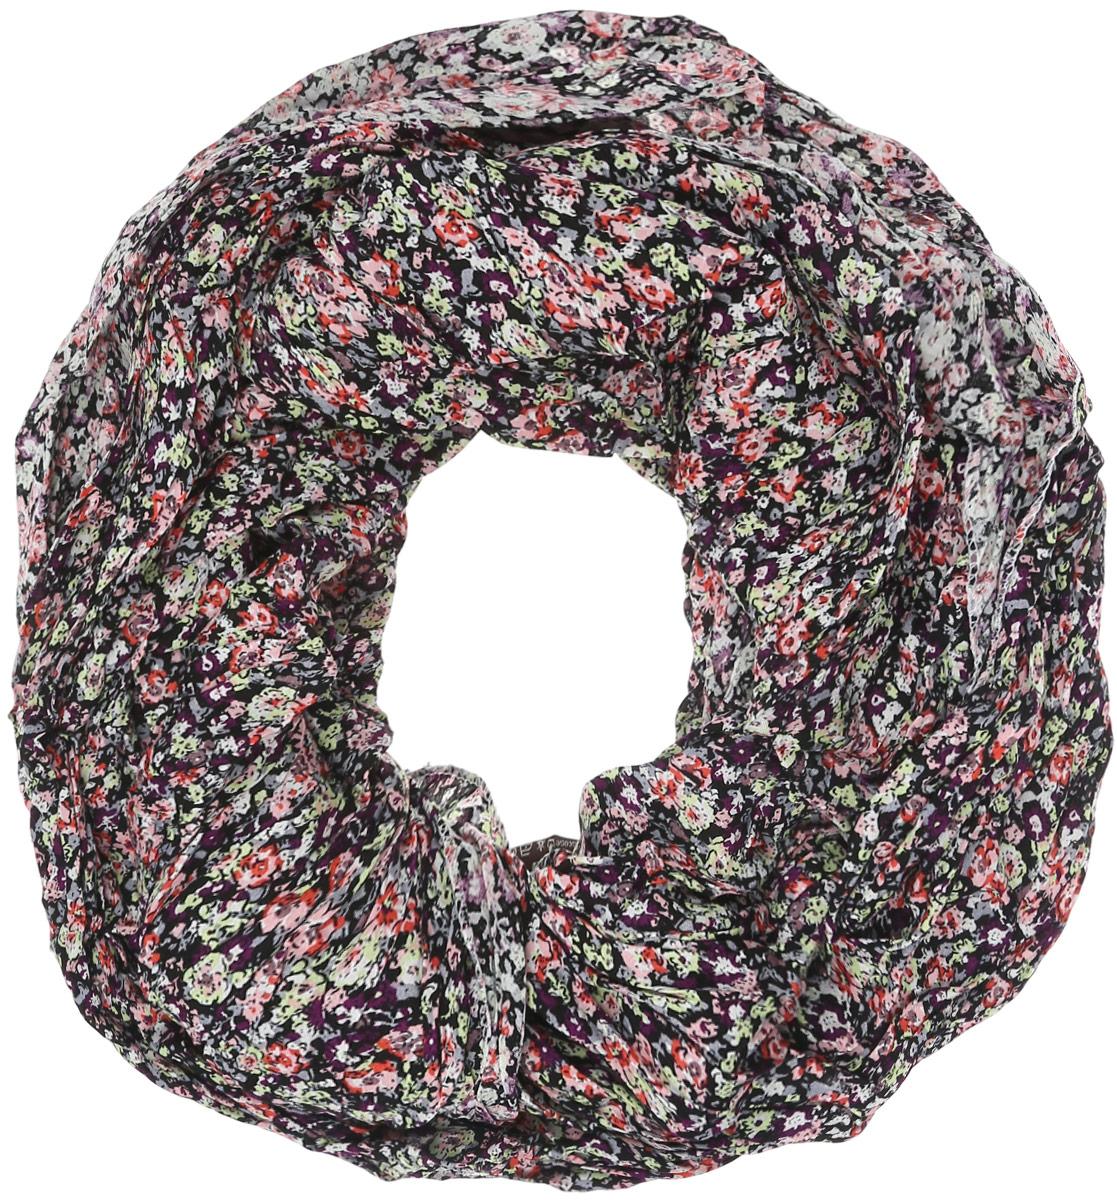 Палантин женский Labbra, цвет: черный, салатовый, фиолетовый, розовый. LG27-465. Размер 80 см х 200 смLG27-465Элегантный палантин Labbra станет достойным завершением вашего образа.Палантин изготовлен из хлопка и вискозы, материал имеет жатую поверхность. Модель оформлена стильным принтом в мелкий цветочек, края обработаны оверлоком. Палантин заужен к краям. Палантин красиво драпируется, он превосходно дополнит любой наряд и подчеркнет ваш изысканный вкус.Легкий и изящный палантин привнесет в ваш образ утонченность и шарм.